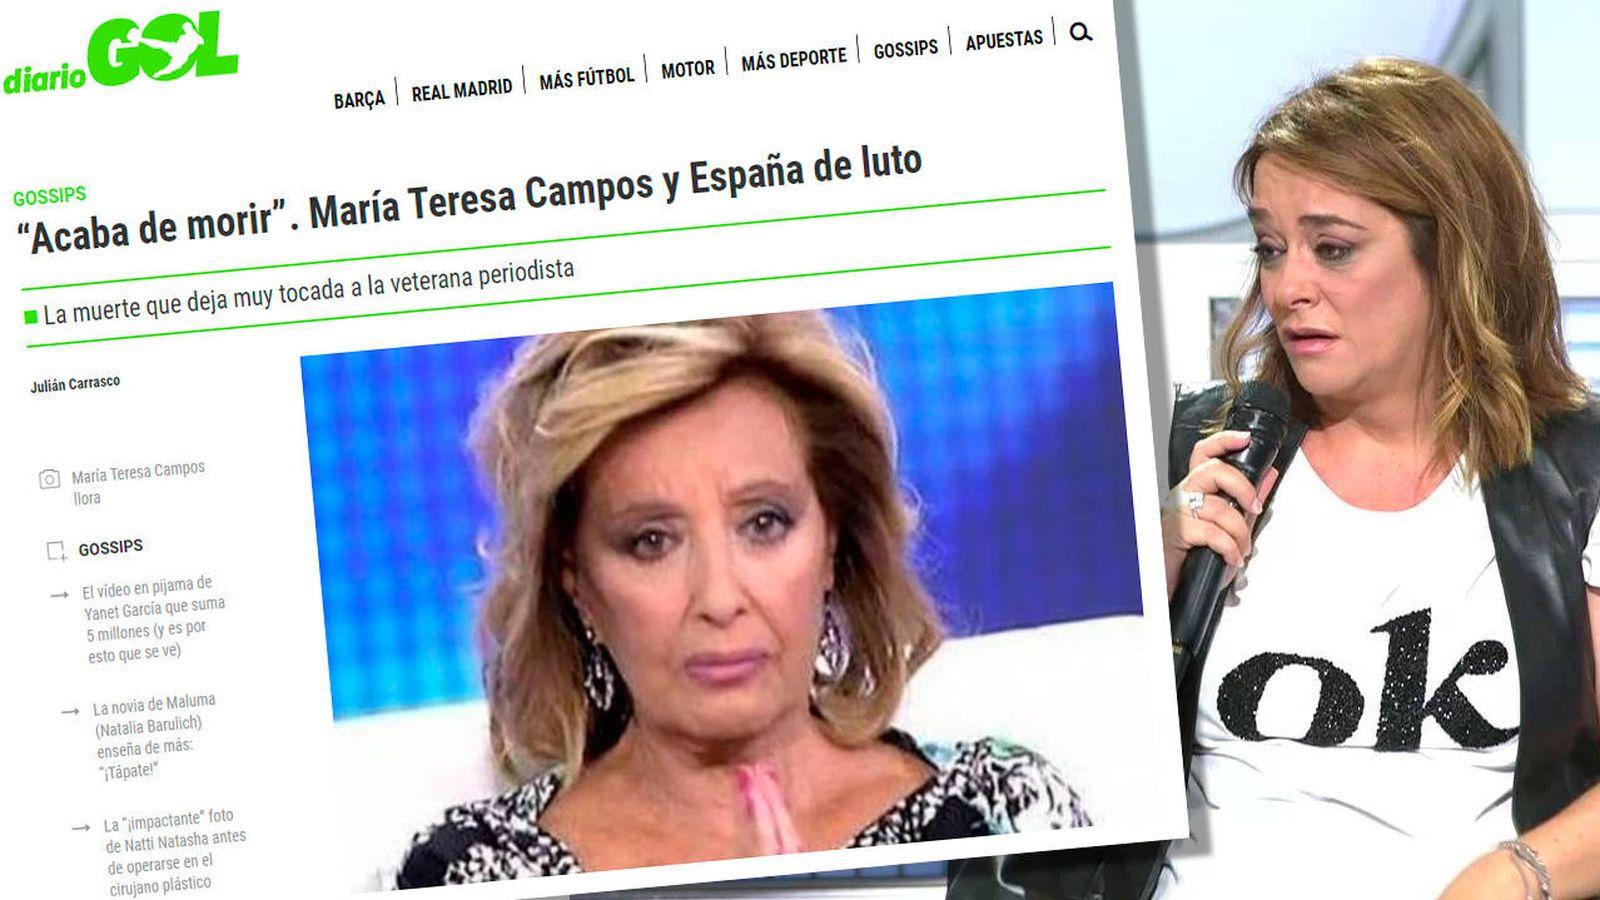 Foto: Moreno, junto al tremendo bulo que se comió ayer (Diario Gol/Telecinco)